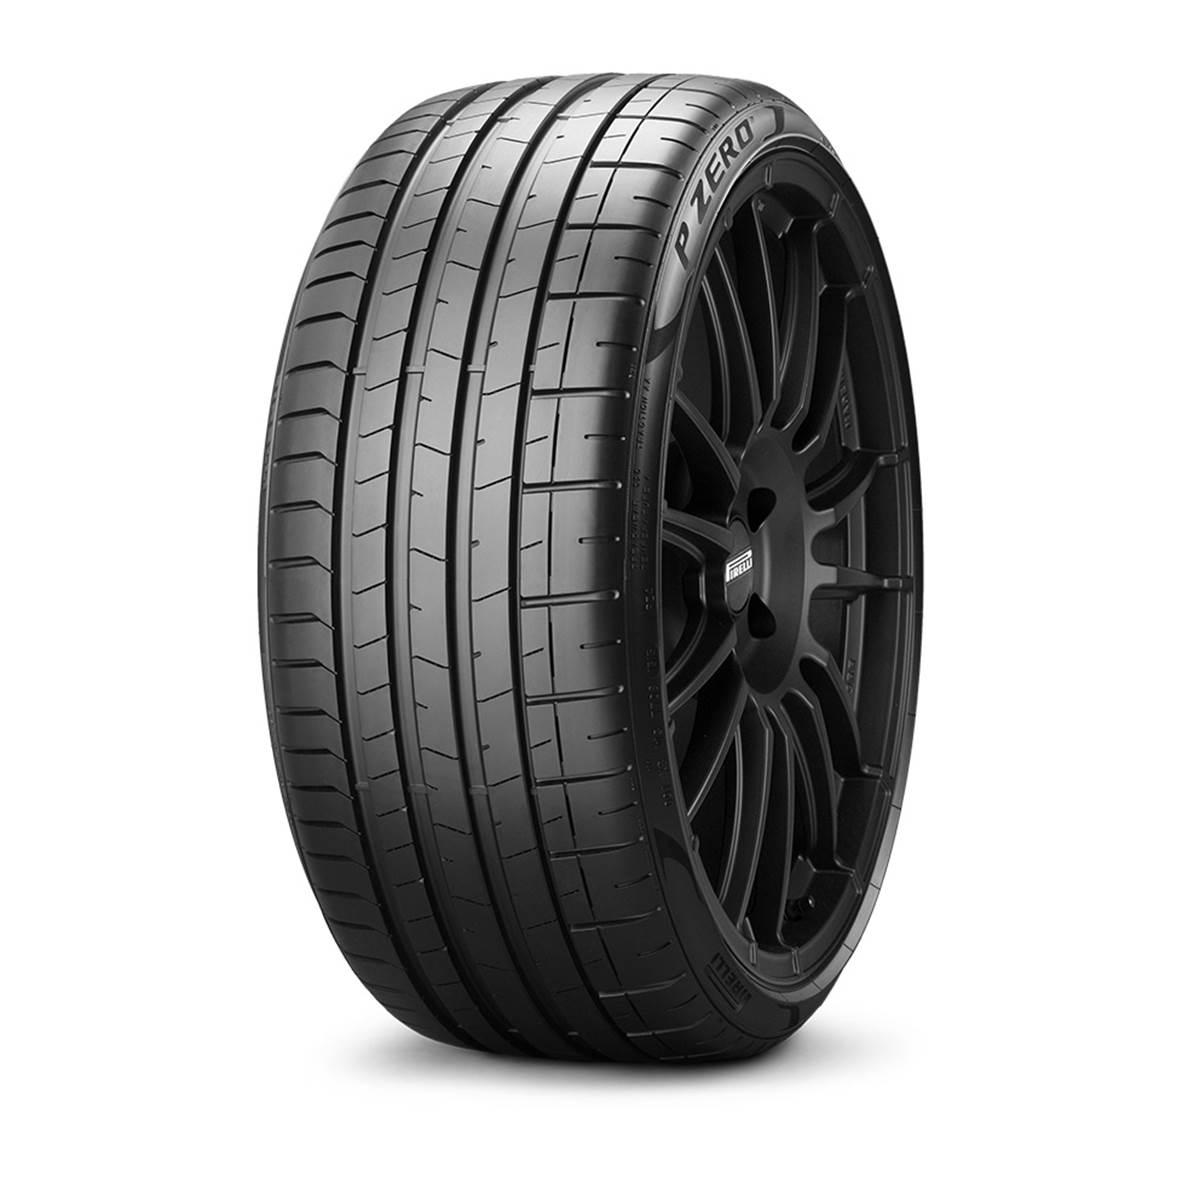 Pneu Pirelli 225/45R17 94Y Pzero XL